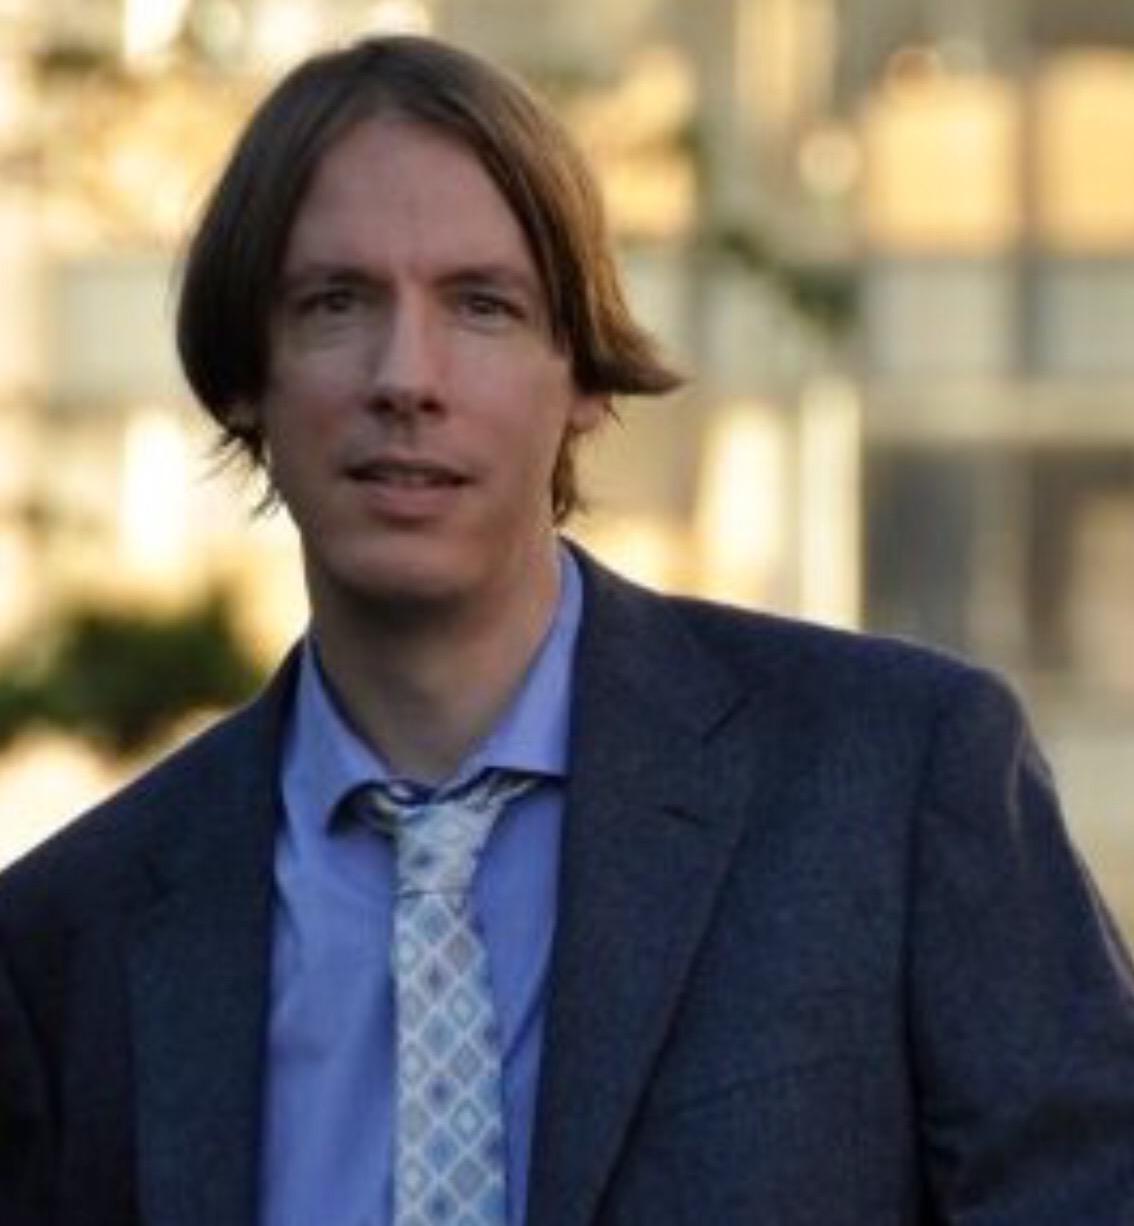 Brady Brelinkski - Chocolate expert, nurse, leader